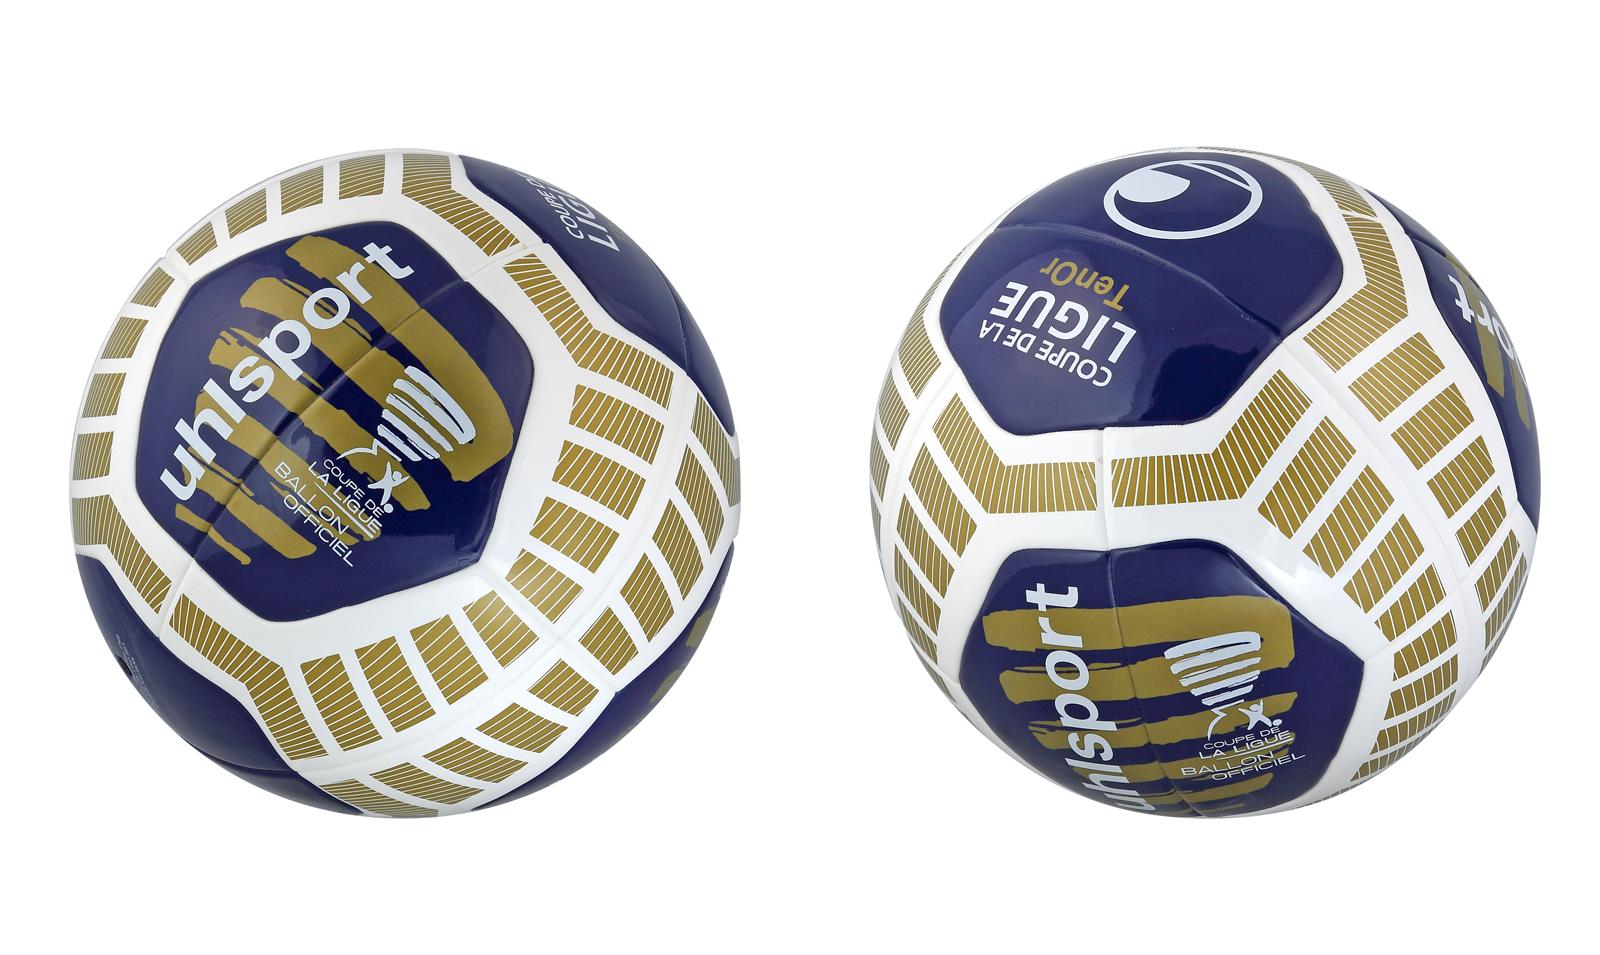 Concours 5 ballons uhlsport finale coupe de la ligue - Billetterie finale coupe de la ligue 2015 ...